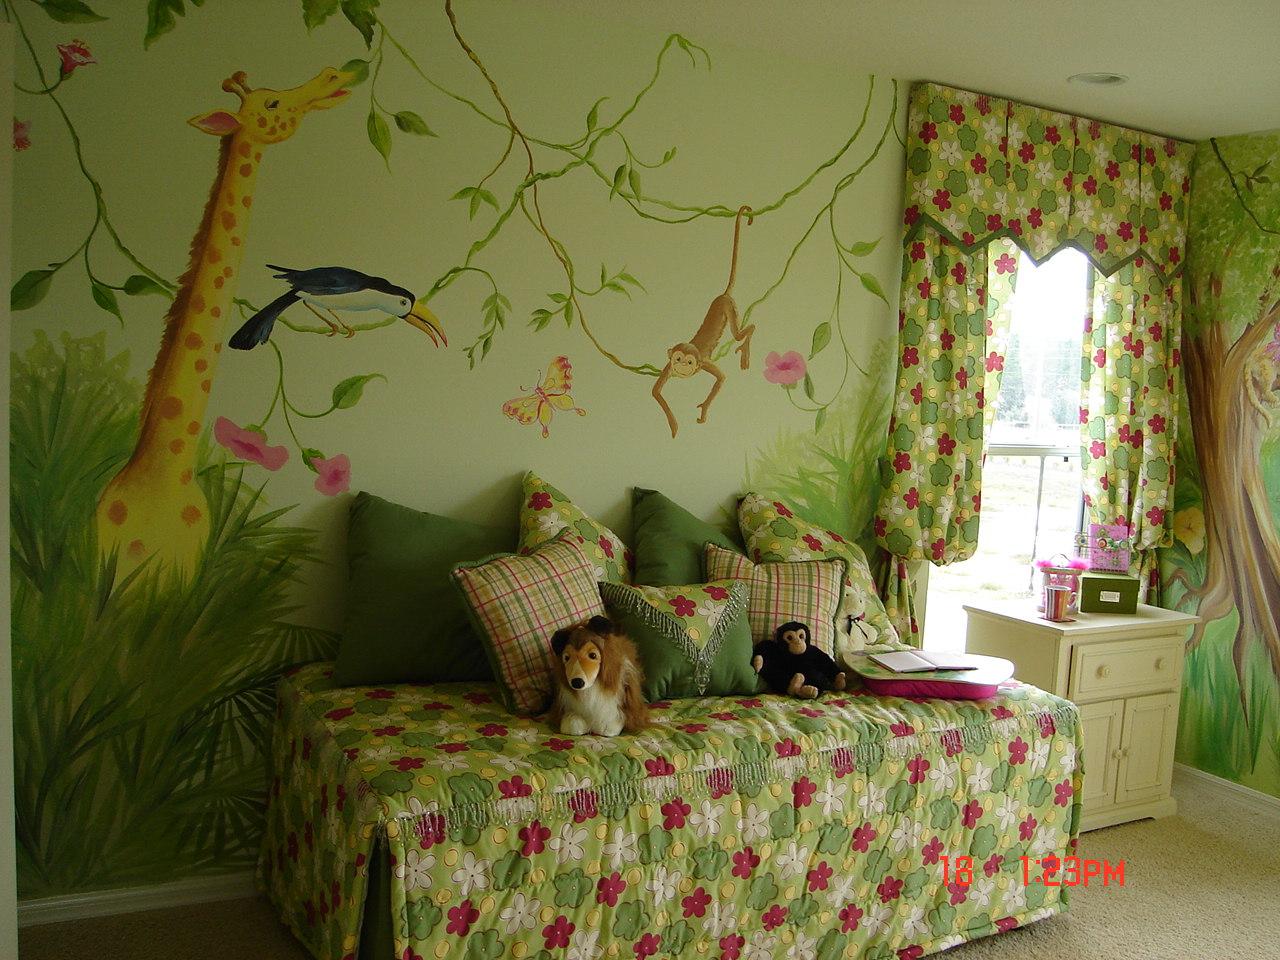 48 Jungle Wallpaper For Kids Rooms On Wallpapersafari